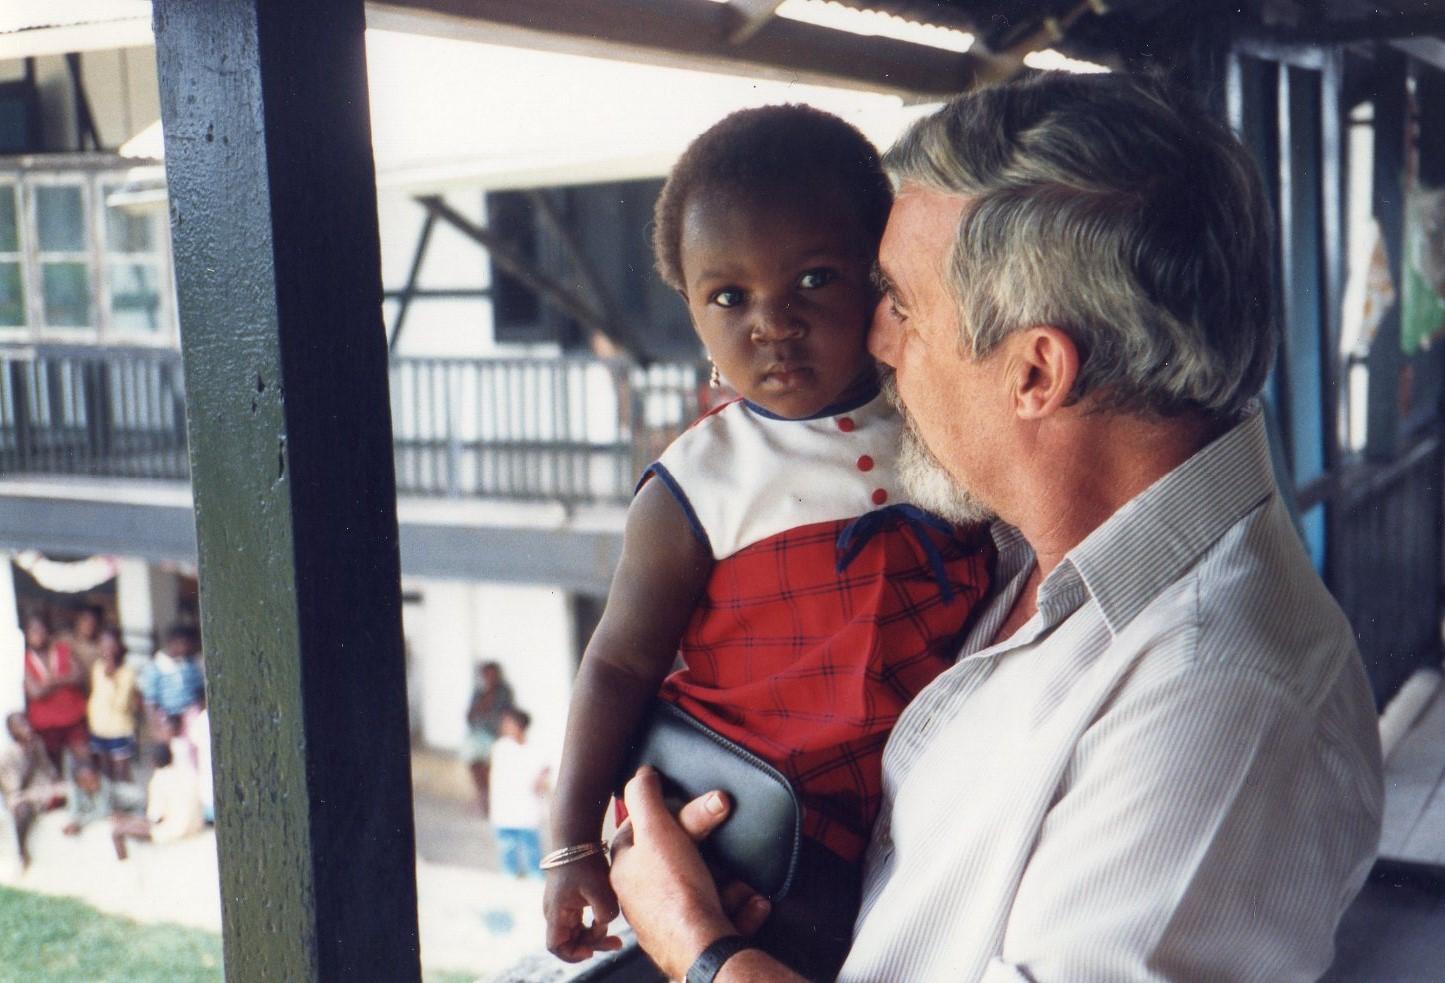 Guy Bekaert, French missionary based in Yaounde, with a child at Sakbayeme orphanage